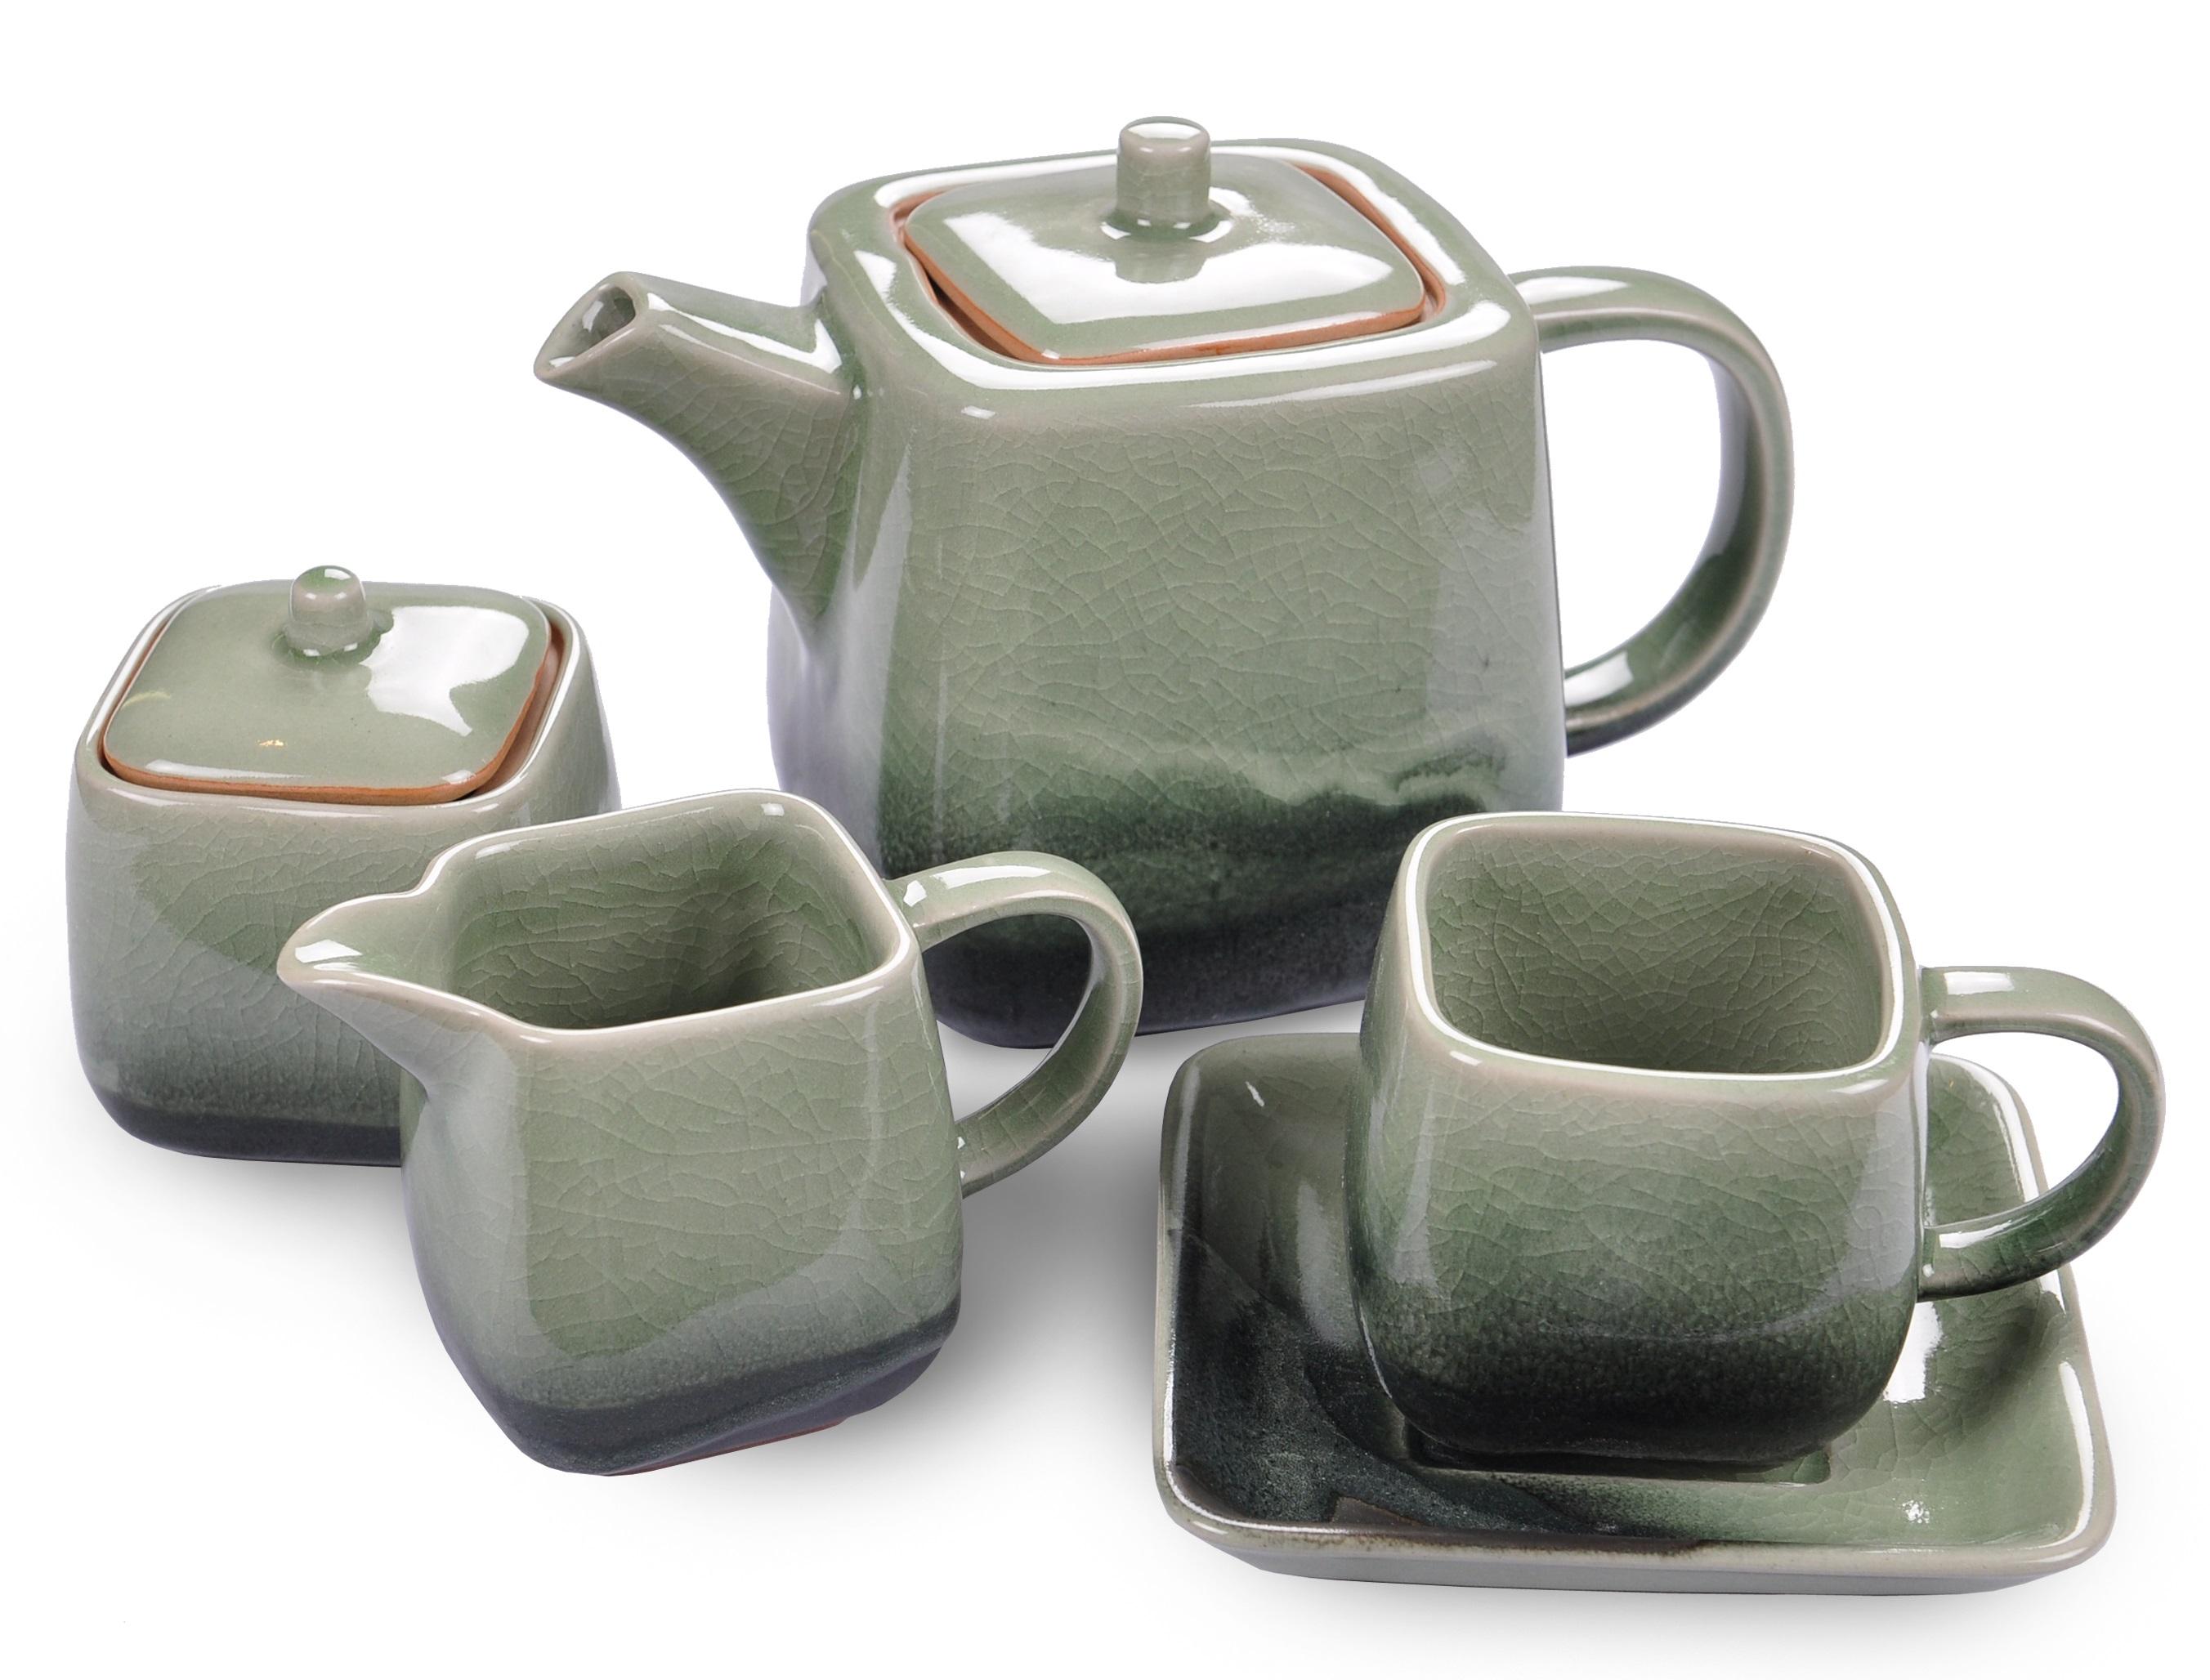 Кофейный сервиз AdamarКофейные сервизы<br>Цвета посуды из коллекции &amp;quot;Adamar&amp;quot; удивительным образом повторяют естественный градиент нефрита Ланьтянь и Сюянь, редких поделочных сортов, особенно почитаемых в древнем Китае. Красоту нефрита здесь сравнивали с самыми благородными качествами человека. Посуда, созданная в этом стиле, станет прекрасным подарком для тех, кто ценит традиции и стиль.&amp;amp;nbsp;&amp;lt;div&amp;gt;&amp;lt;br&amp;gt;&amp;lt;/div&amp;gt;&amp;lt;div&amp;gt;В сервиз входит:&amp;amp;nbsp;&amp;lt;/div&amp;gt;&amp;lt;div&amp;gt;Кофейник с крышкой - 1 шт - длина 20,3 см., ширина 12 см., высота 14 см.,&amp;amp;nbsp;&amp;lt;/div&amp;gt;&amp;lt;div&amp;gt;сахарница с крышкой - 1шт - длина 7,6 см., ширина 7,6 см., высота 8,9см.,&amp;amp;nbsp;&amp;lt;/div&amp;gt;&amp;lt;div&amp;gt;сливочник - 1 шт - длина 14 см.,ширина 7,6 см., высота 8,9 см.,&amp;amp;nbsp;&amp;lt;/div&amp;gt;&amp;lt;div&amp;gt;кофейная пара - 6 шт - чашка - 150 мл., длина 11,4 см., ширина 8 см., высота 7,6 см.,&amp;amp;nbsp;&amp;lt;/div&amp;gt;&amp;lt;div&amp;gt;блюдце - длина 14 см., ширина 14 см., высота 1,5 см.&amp;lt;/div&amp;gt;<br><br>Material: Керамика